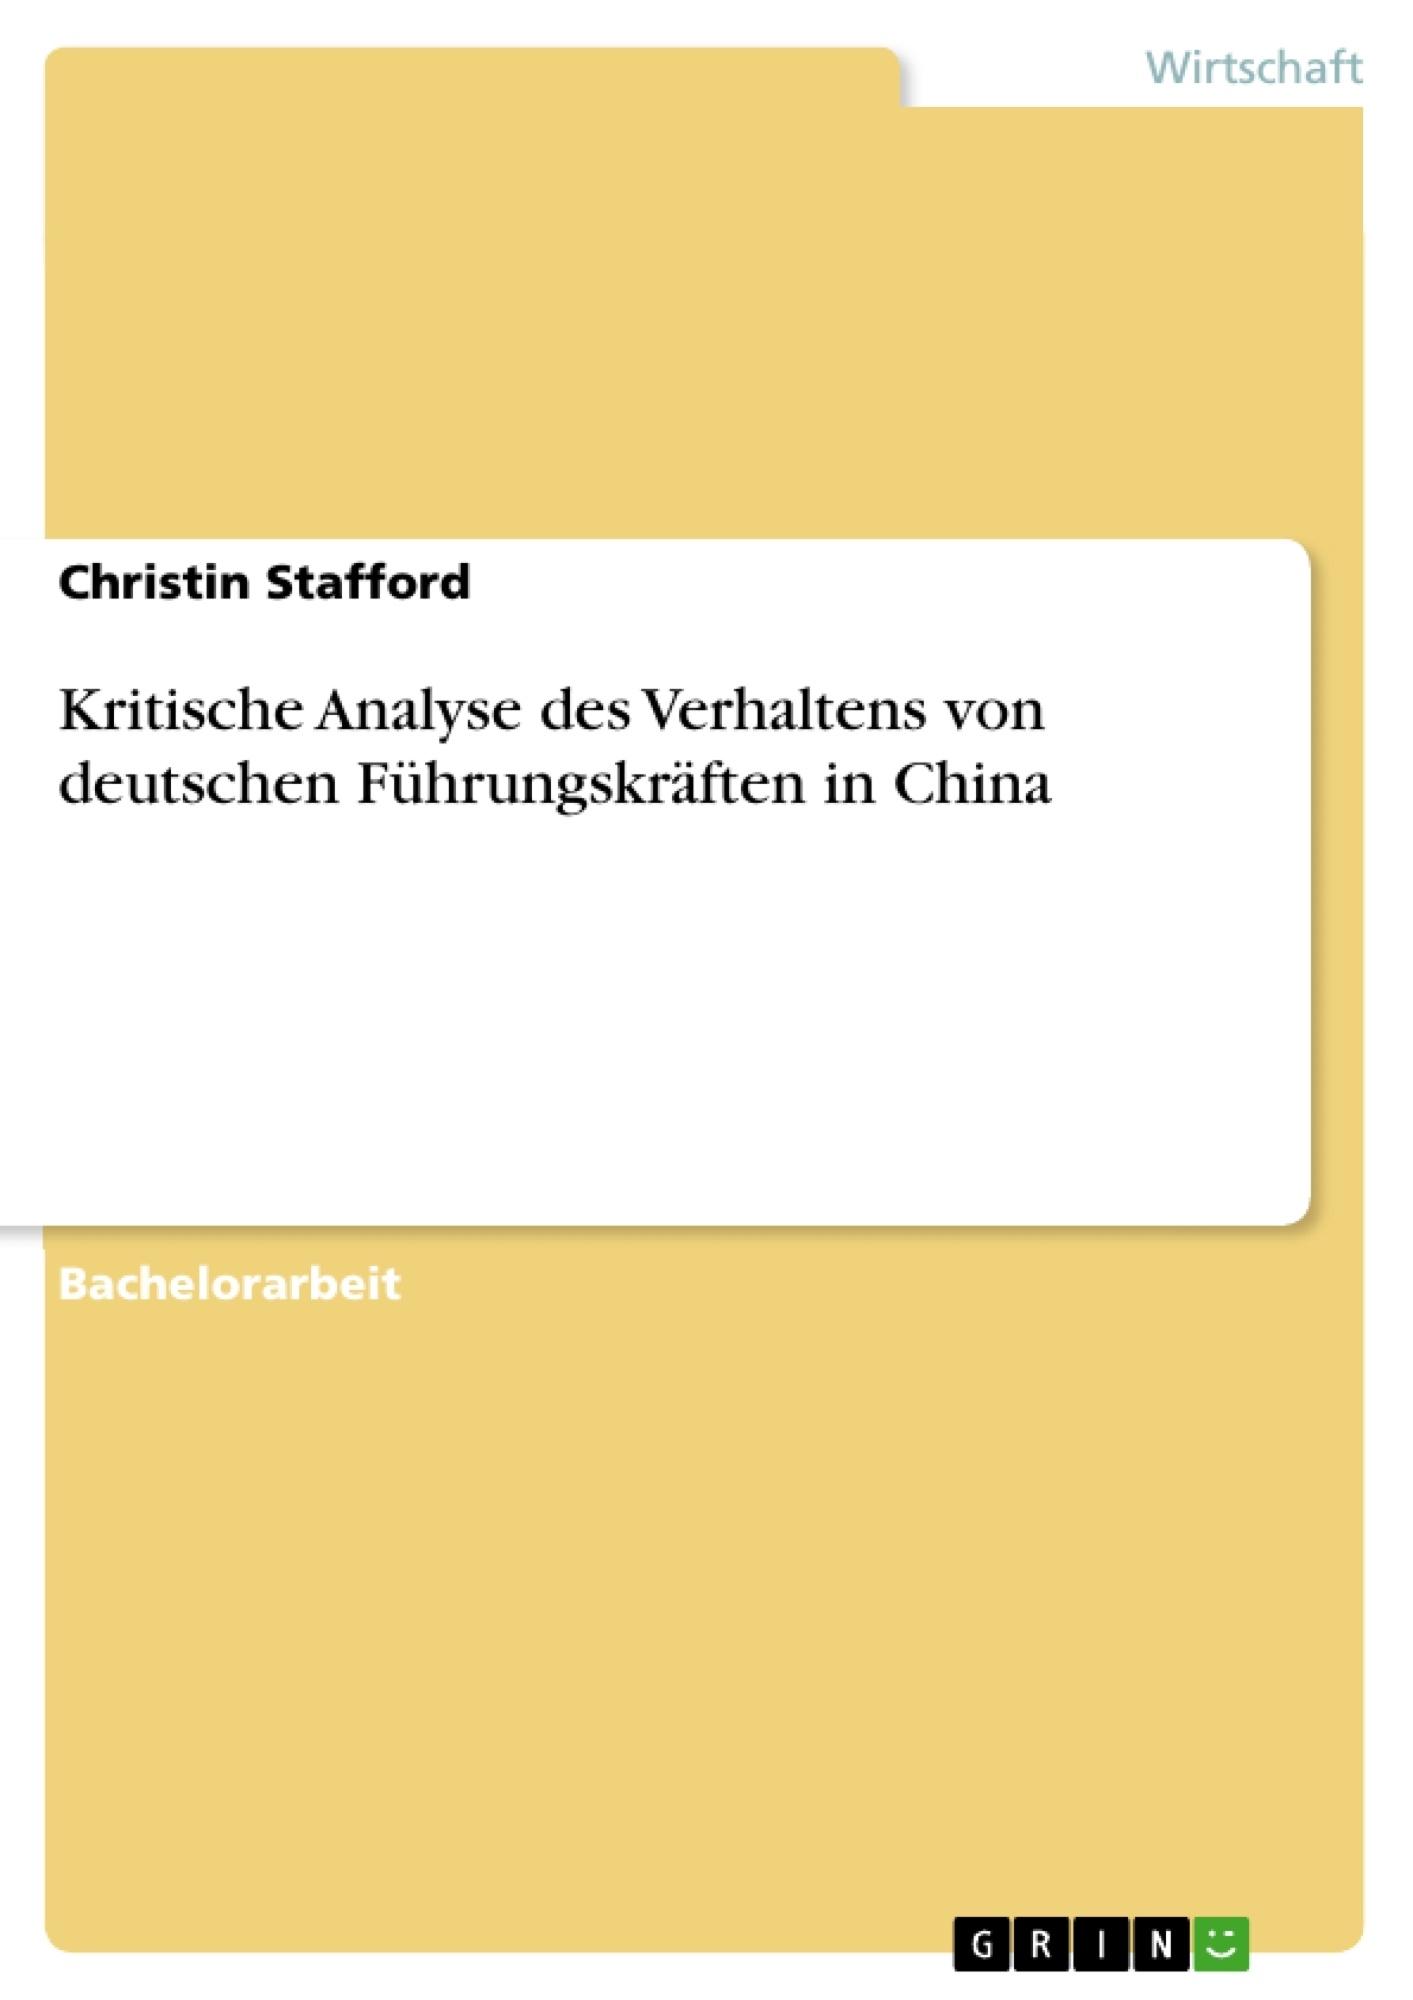 Titel: Kritische Analyse des Verhaltens von deutschen Führungskräften in China